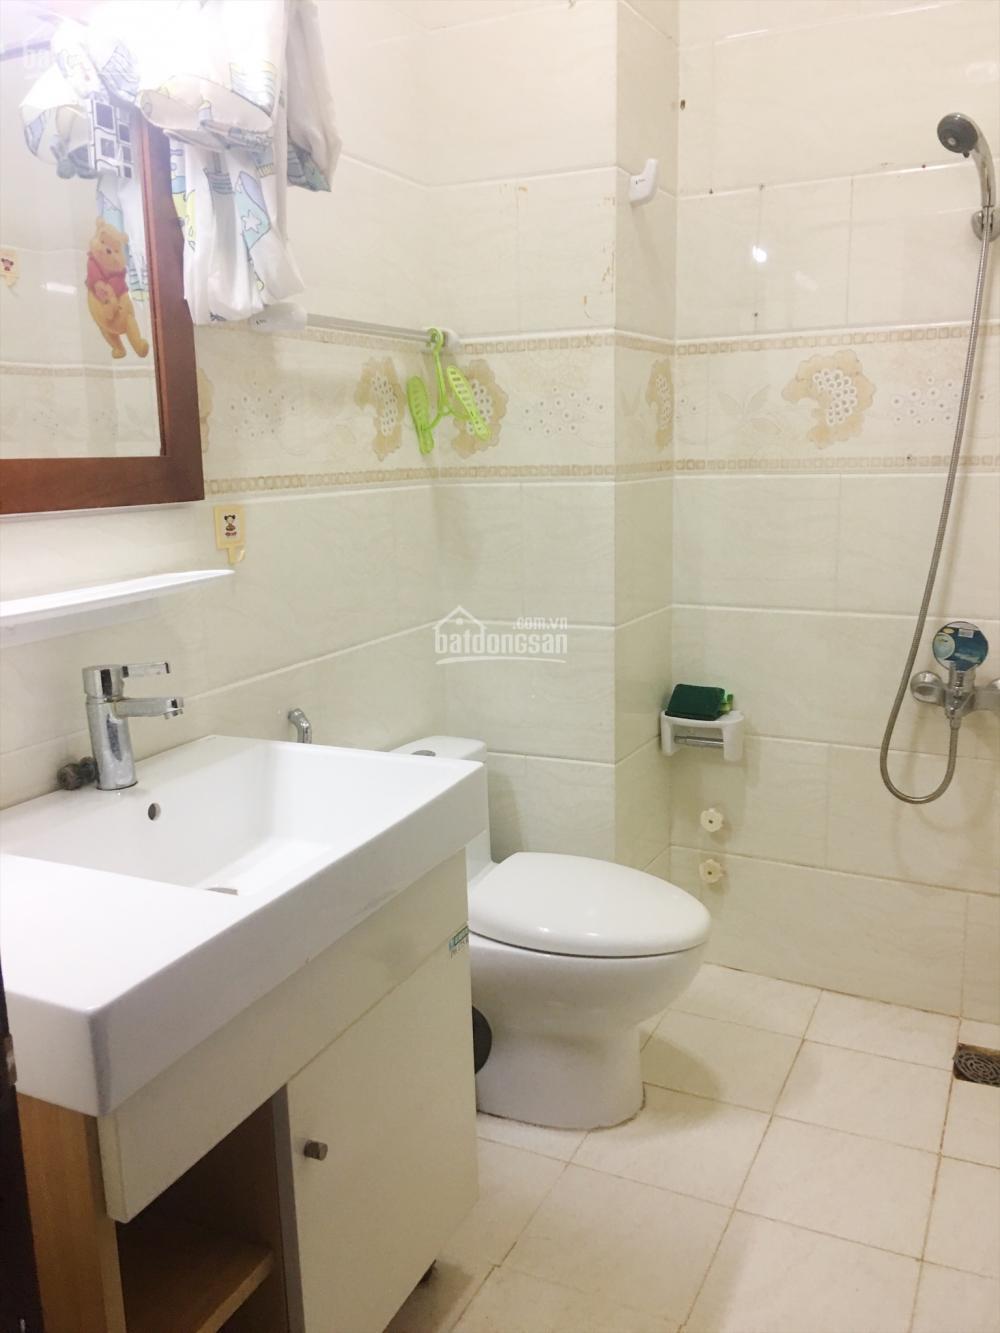 Phòng cao cấp full nội thất mới 100% đường số 8, Tân Quy, Q7 (gần Lotte) giá từ 4tr-5tr